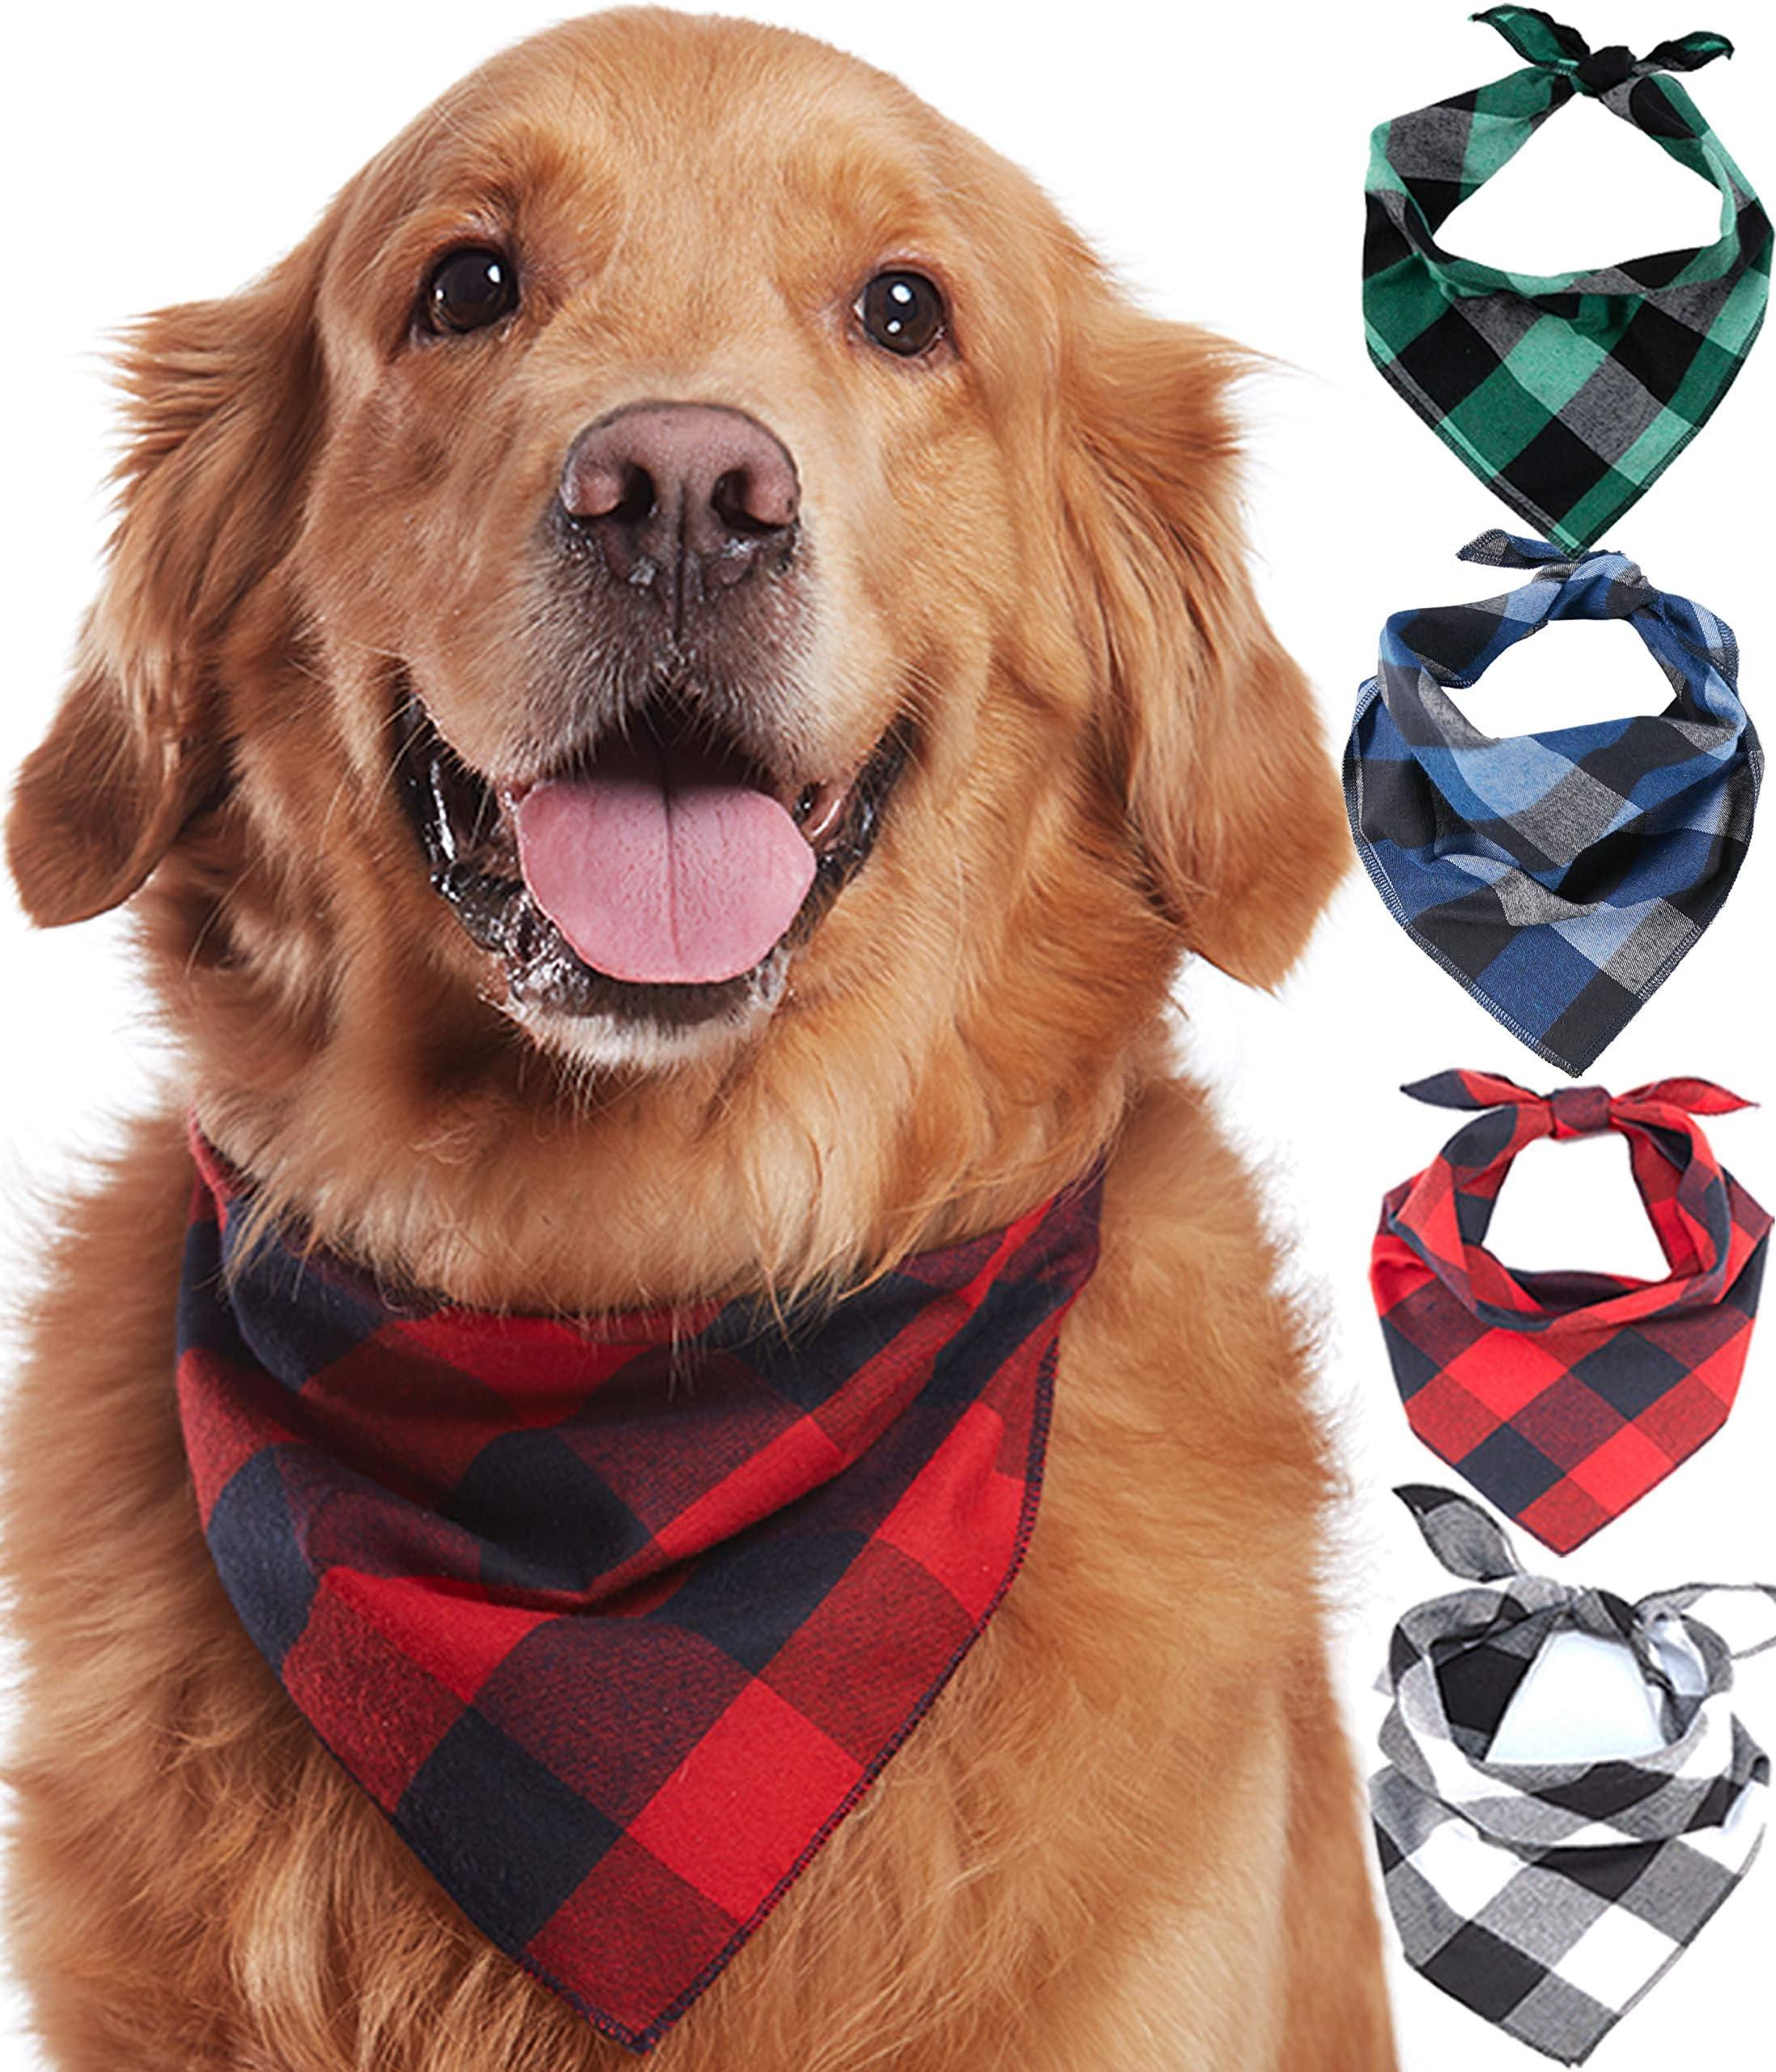 Machine washable pet bandana with snaps Holiday Christmas dog apparel Dog stocking stuffer. Dog Bandana STARBURST TEAL